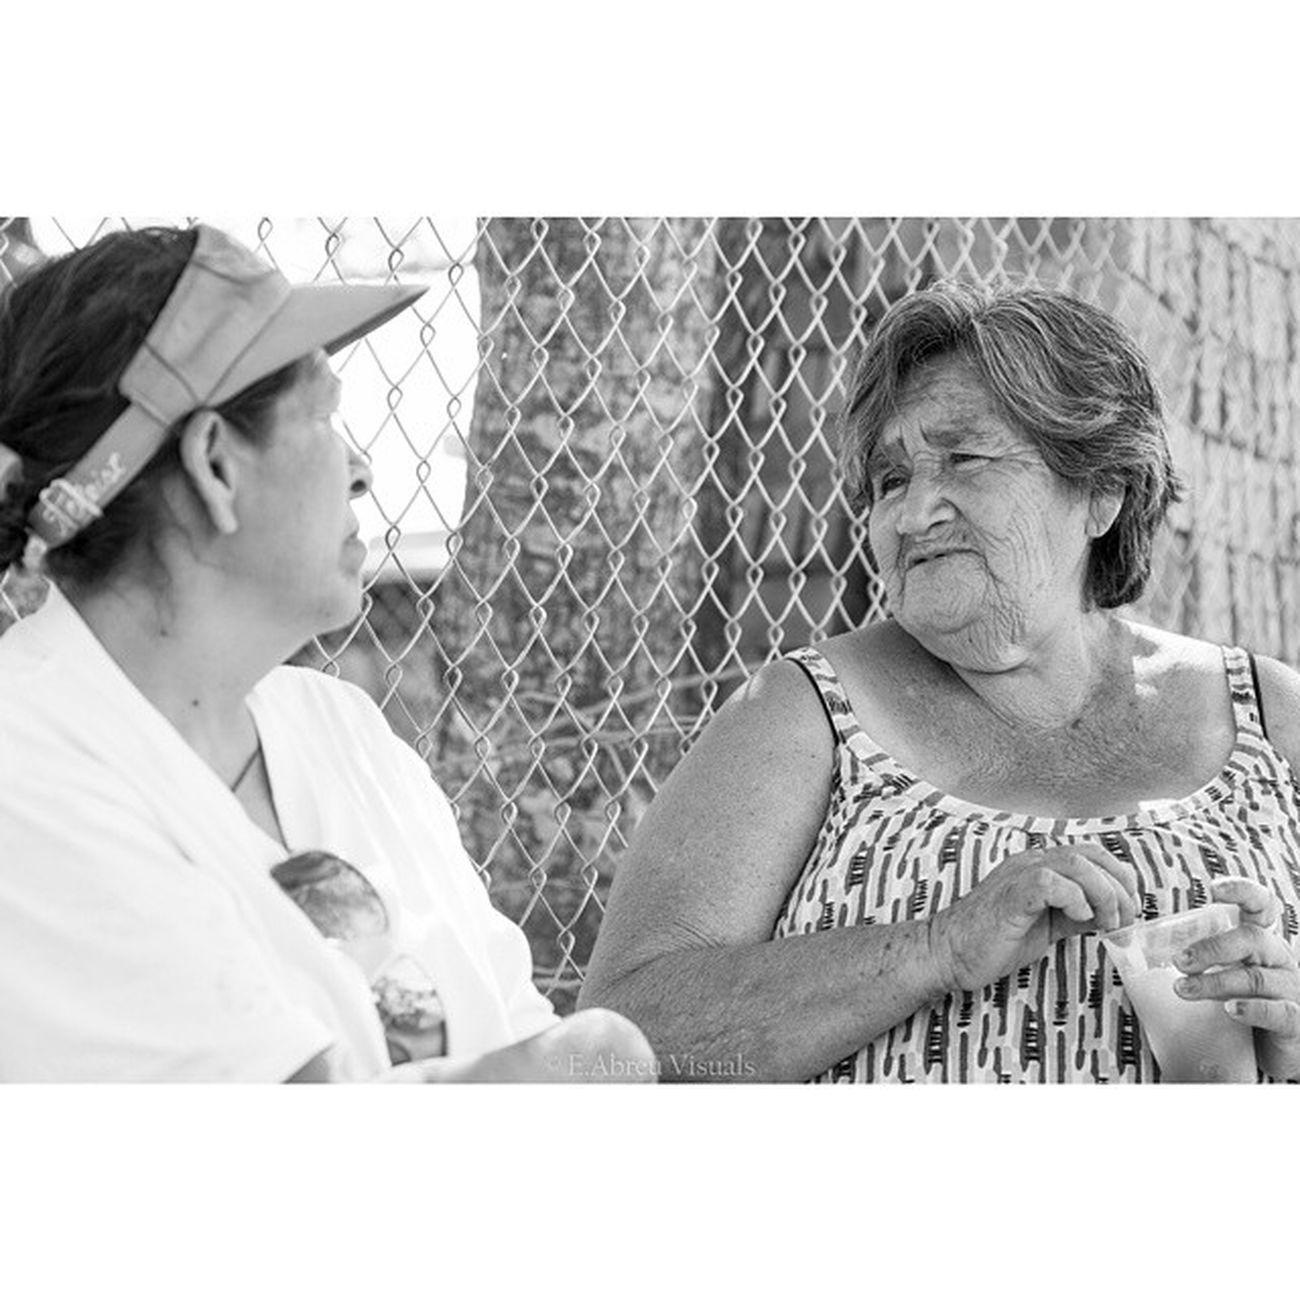 Conversación en la esquina. Conversation in the corner. Mexico Eabreumexico Jalisco Residency chapala photography artist mexico2014 women portraits portrait ladies